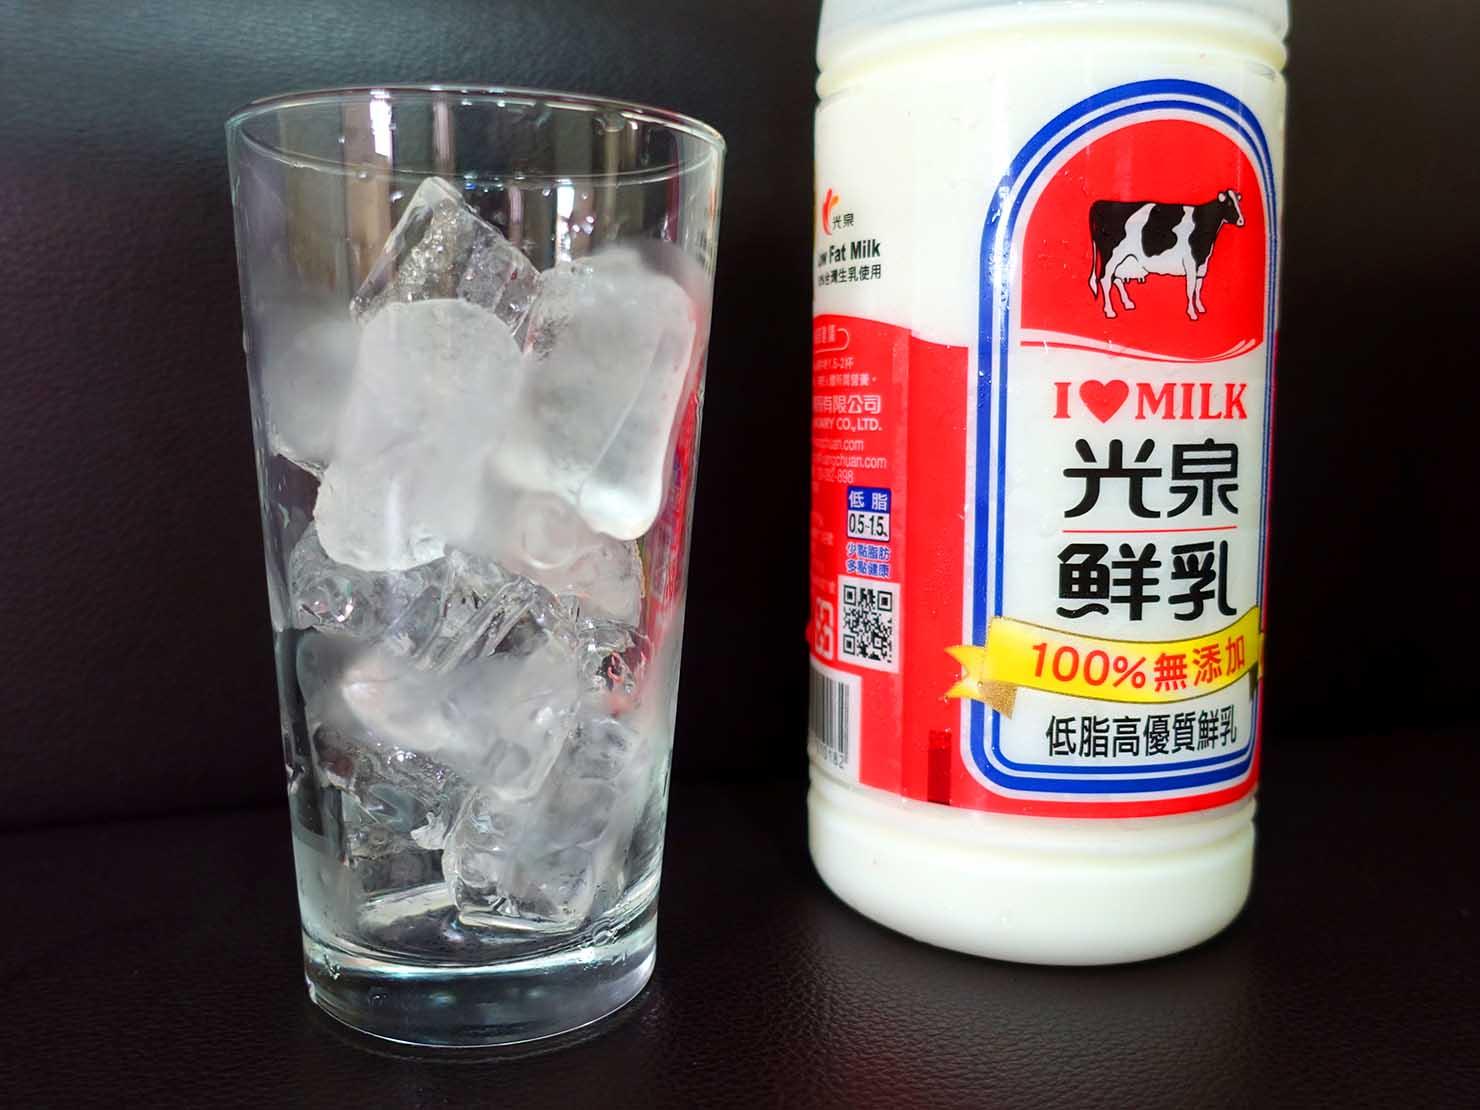 氷の入ったグラスと牛乳